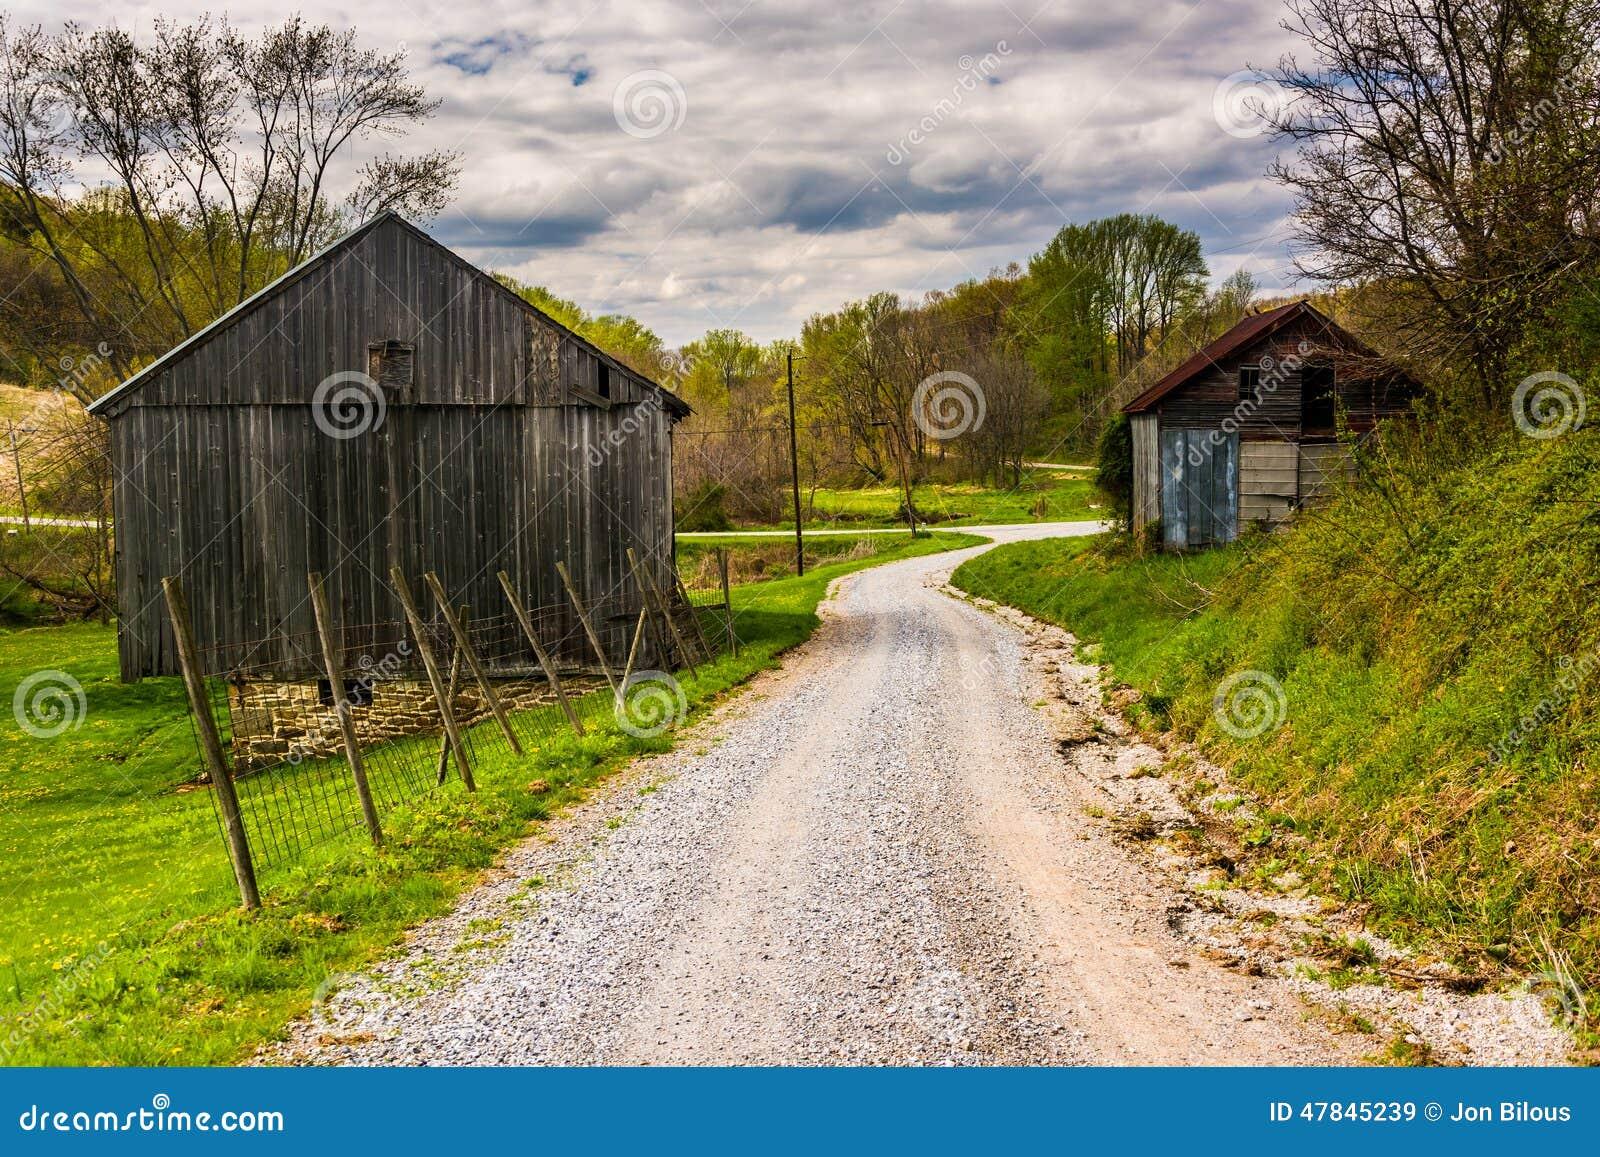 vieilles granges le long d 39 un chemin de terre dans le comt de york rural pennsylvanie photo. Black Bedroom Furniture Sets. Home Design Ideas